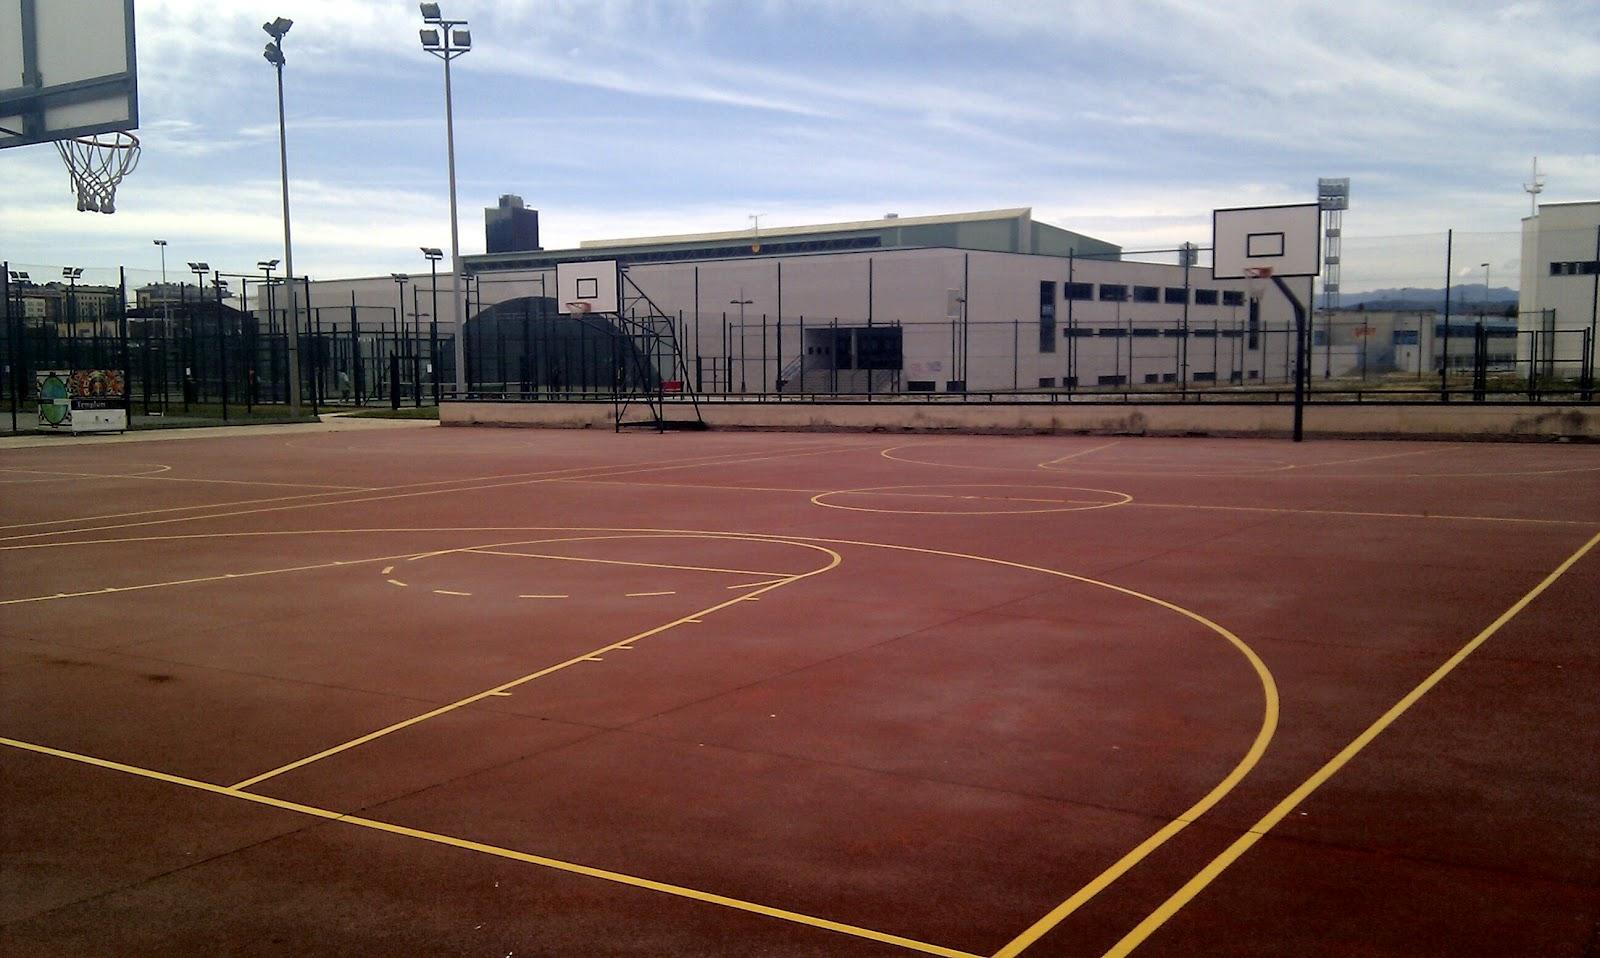 Instalaciones campus de baloncesto ponferrada 2016 for Piscinas ponferrada